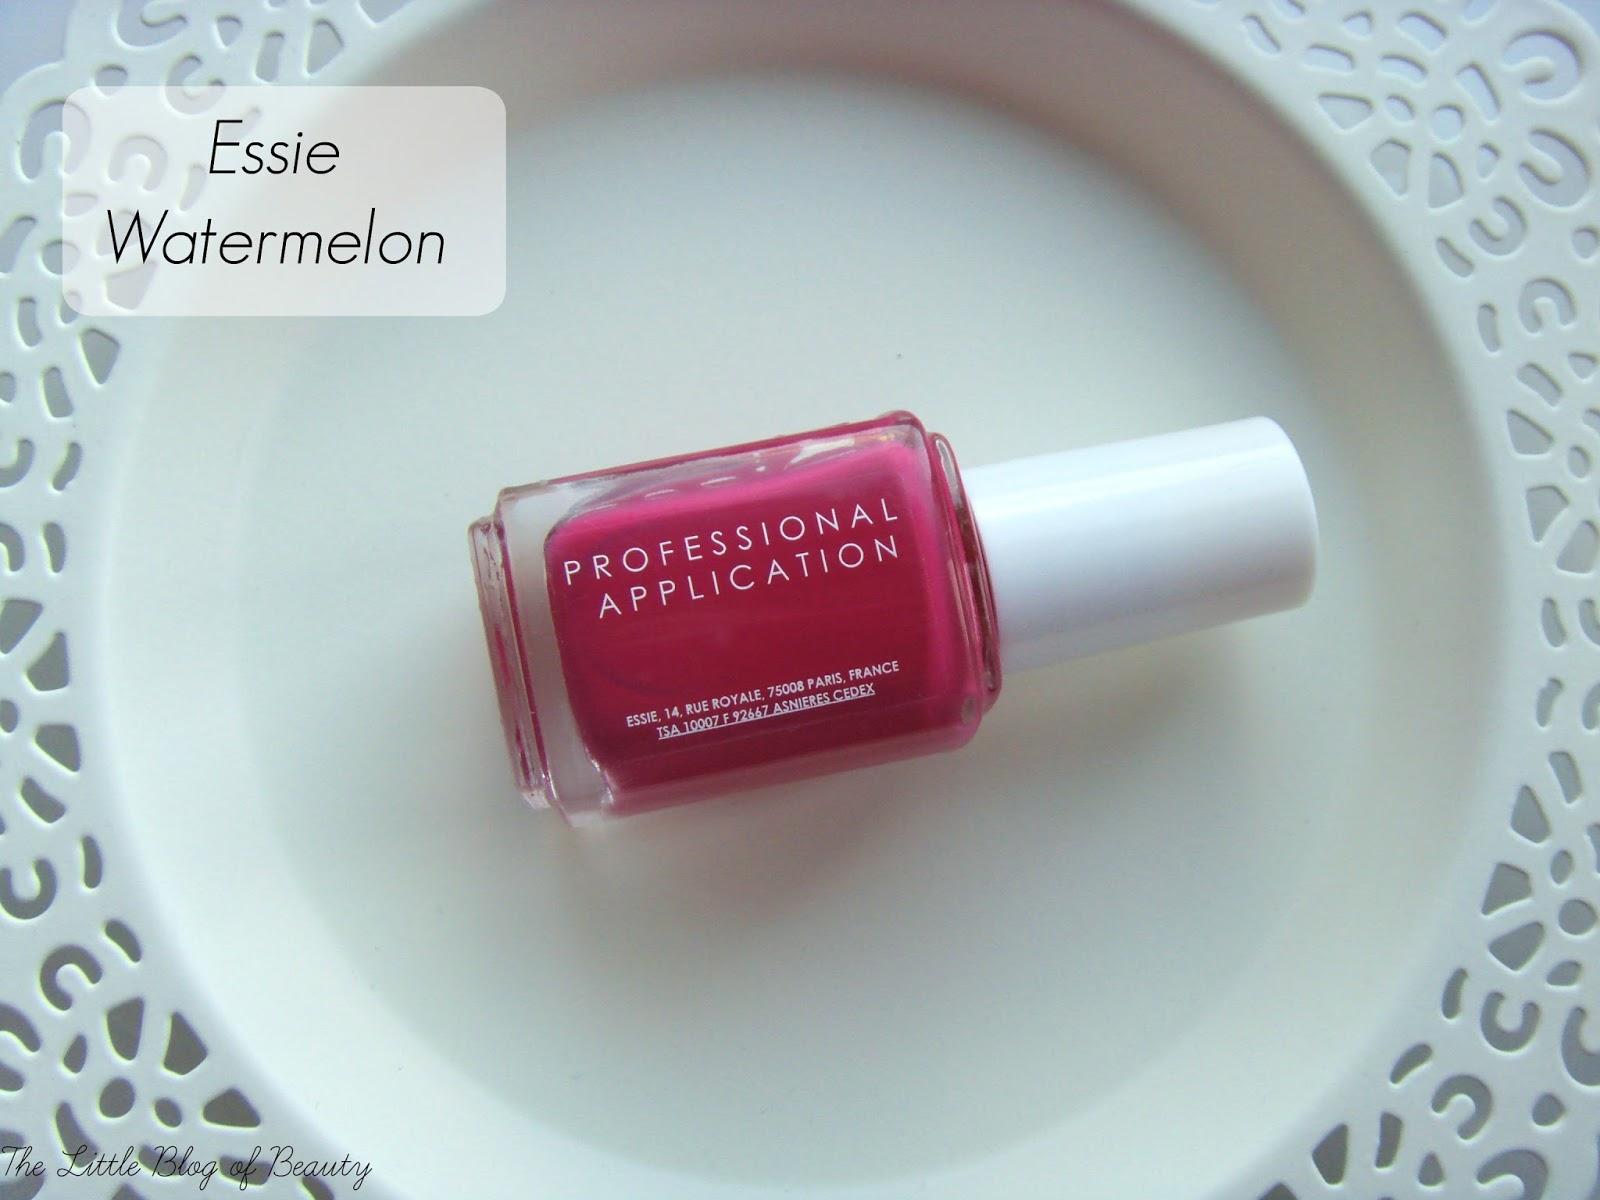 Essie Watermelon